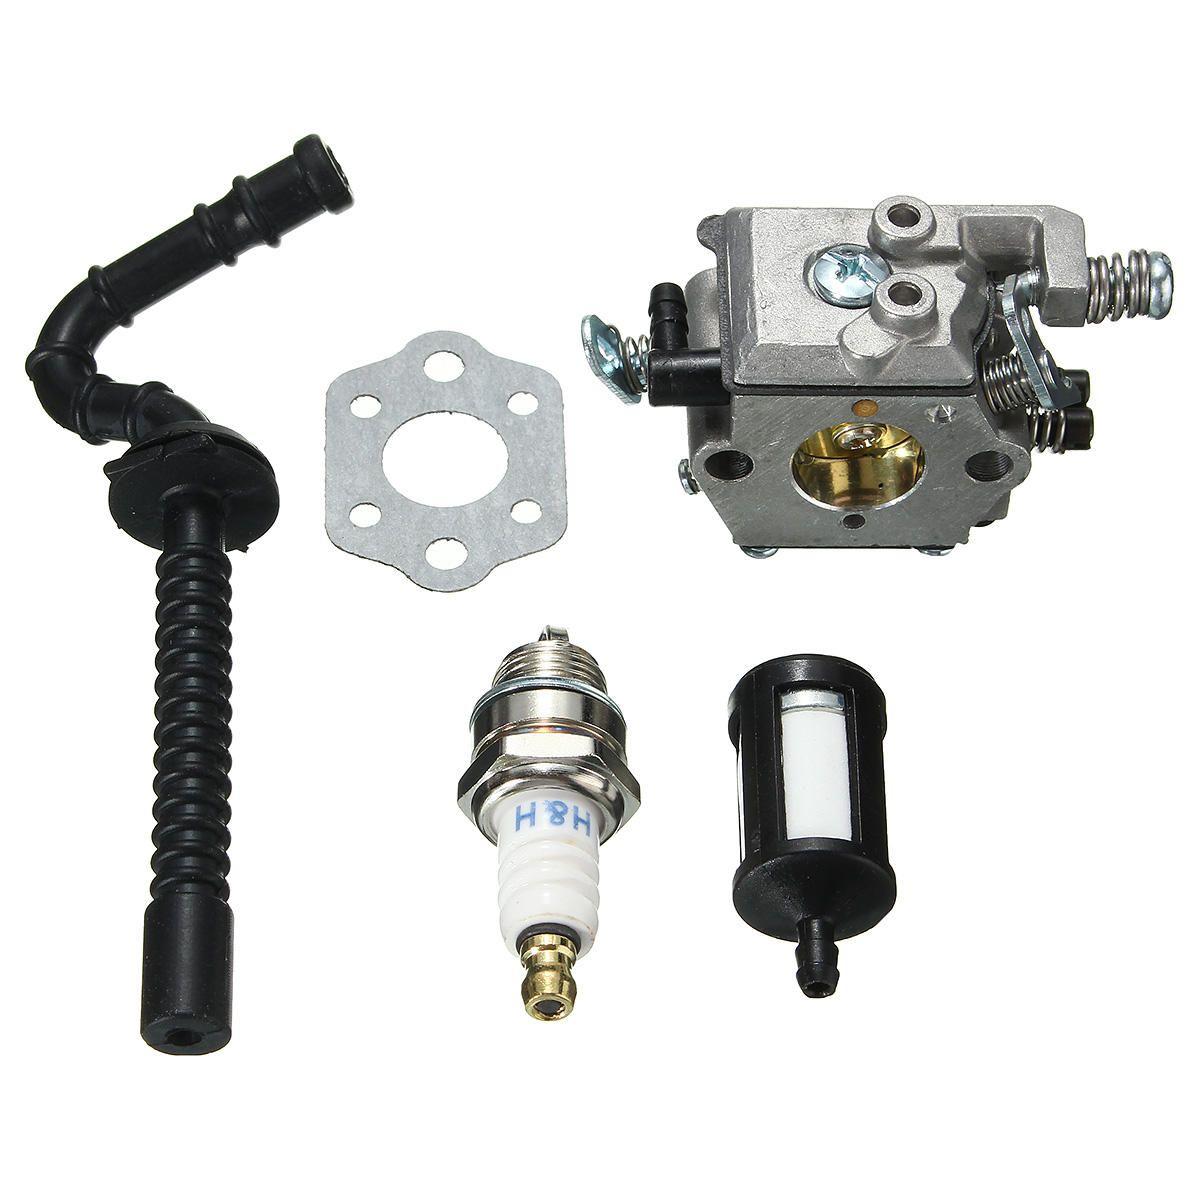 [US13.09] Carburetor Carb Air Filter For Stihl MS210